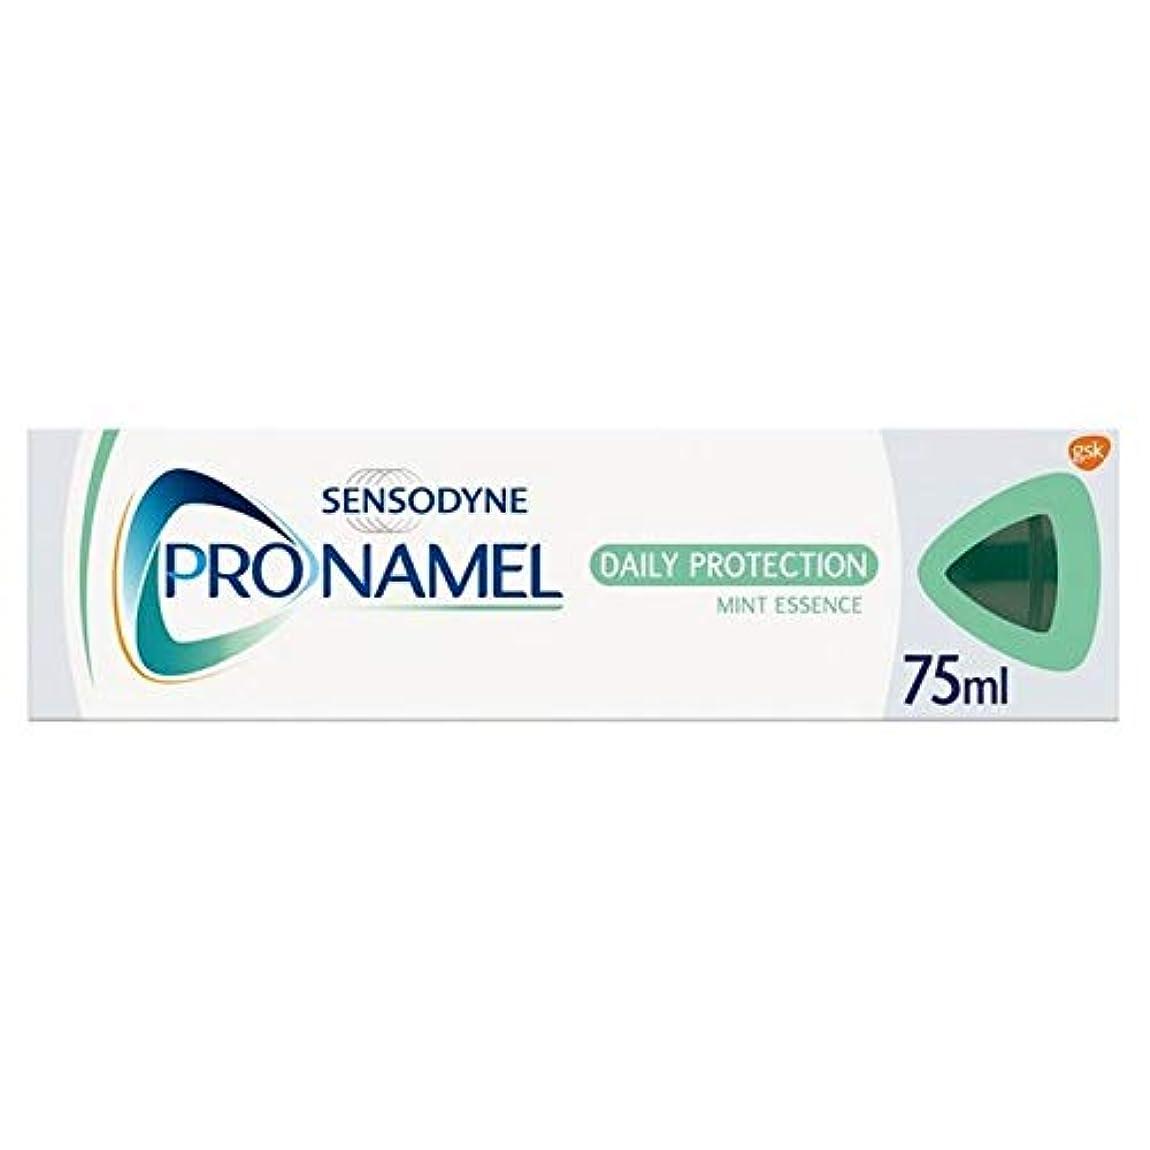 画家キリンバリケード[Sensodyne] SensodyneのPronamel毎日保護エナメルケア歯磨き粉75ミリリットル - Sensodyne Pronamel Daily Protection Enamel Care Toothpaste...